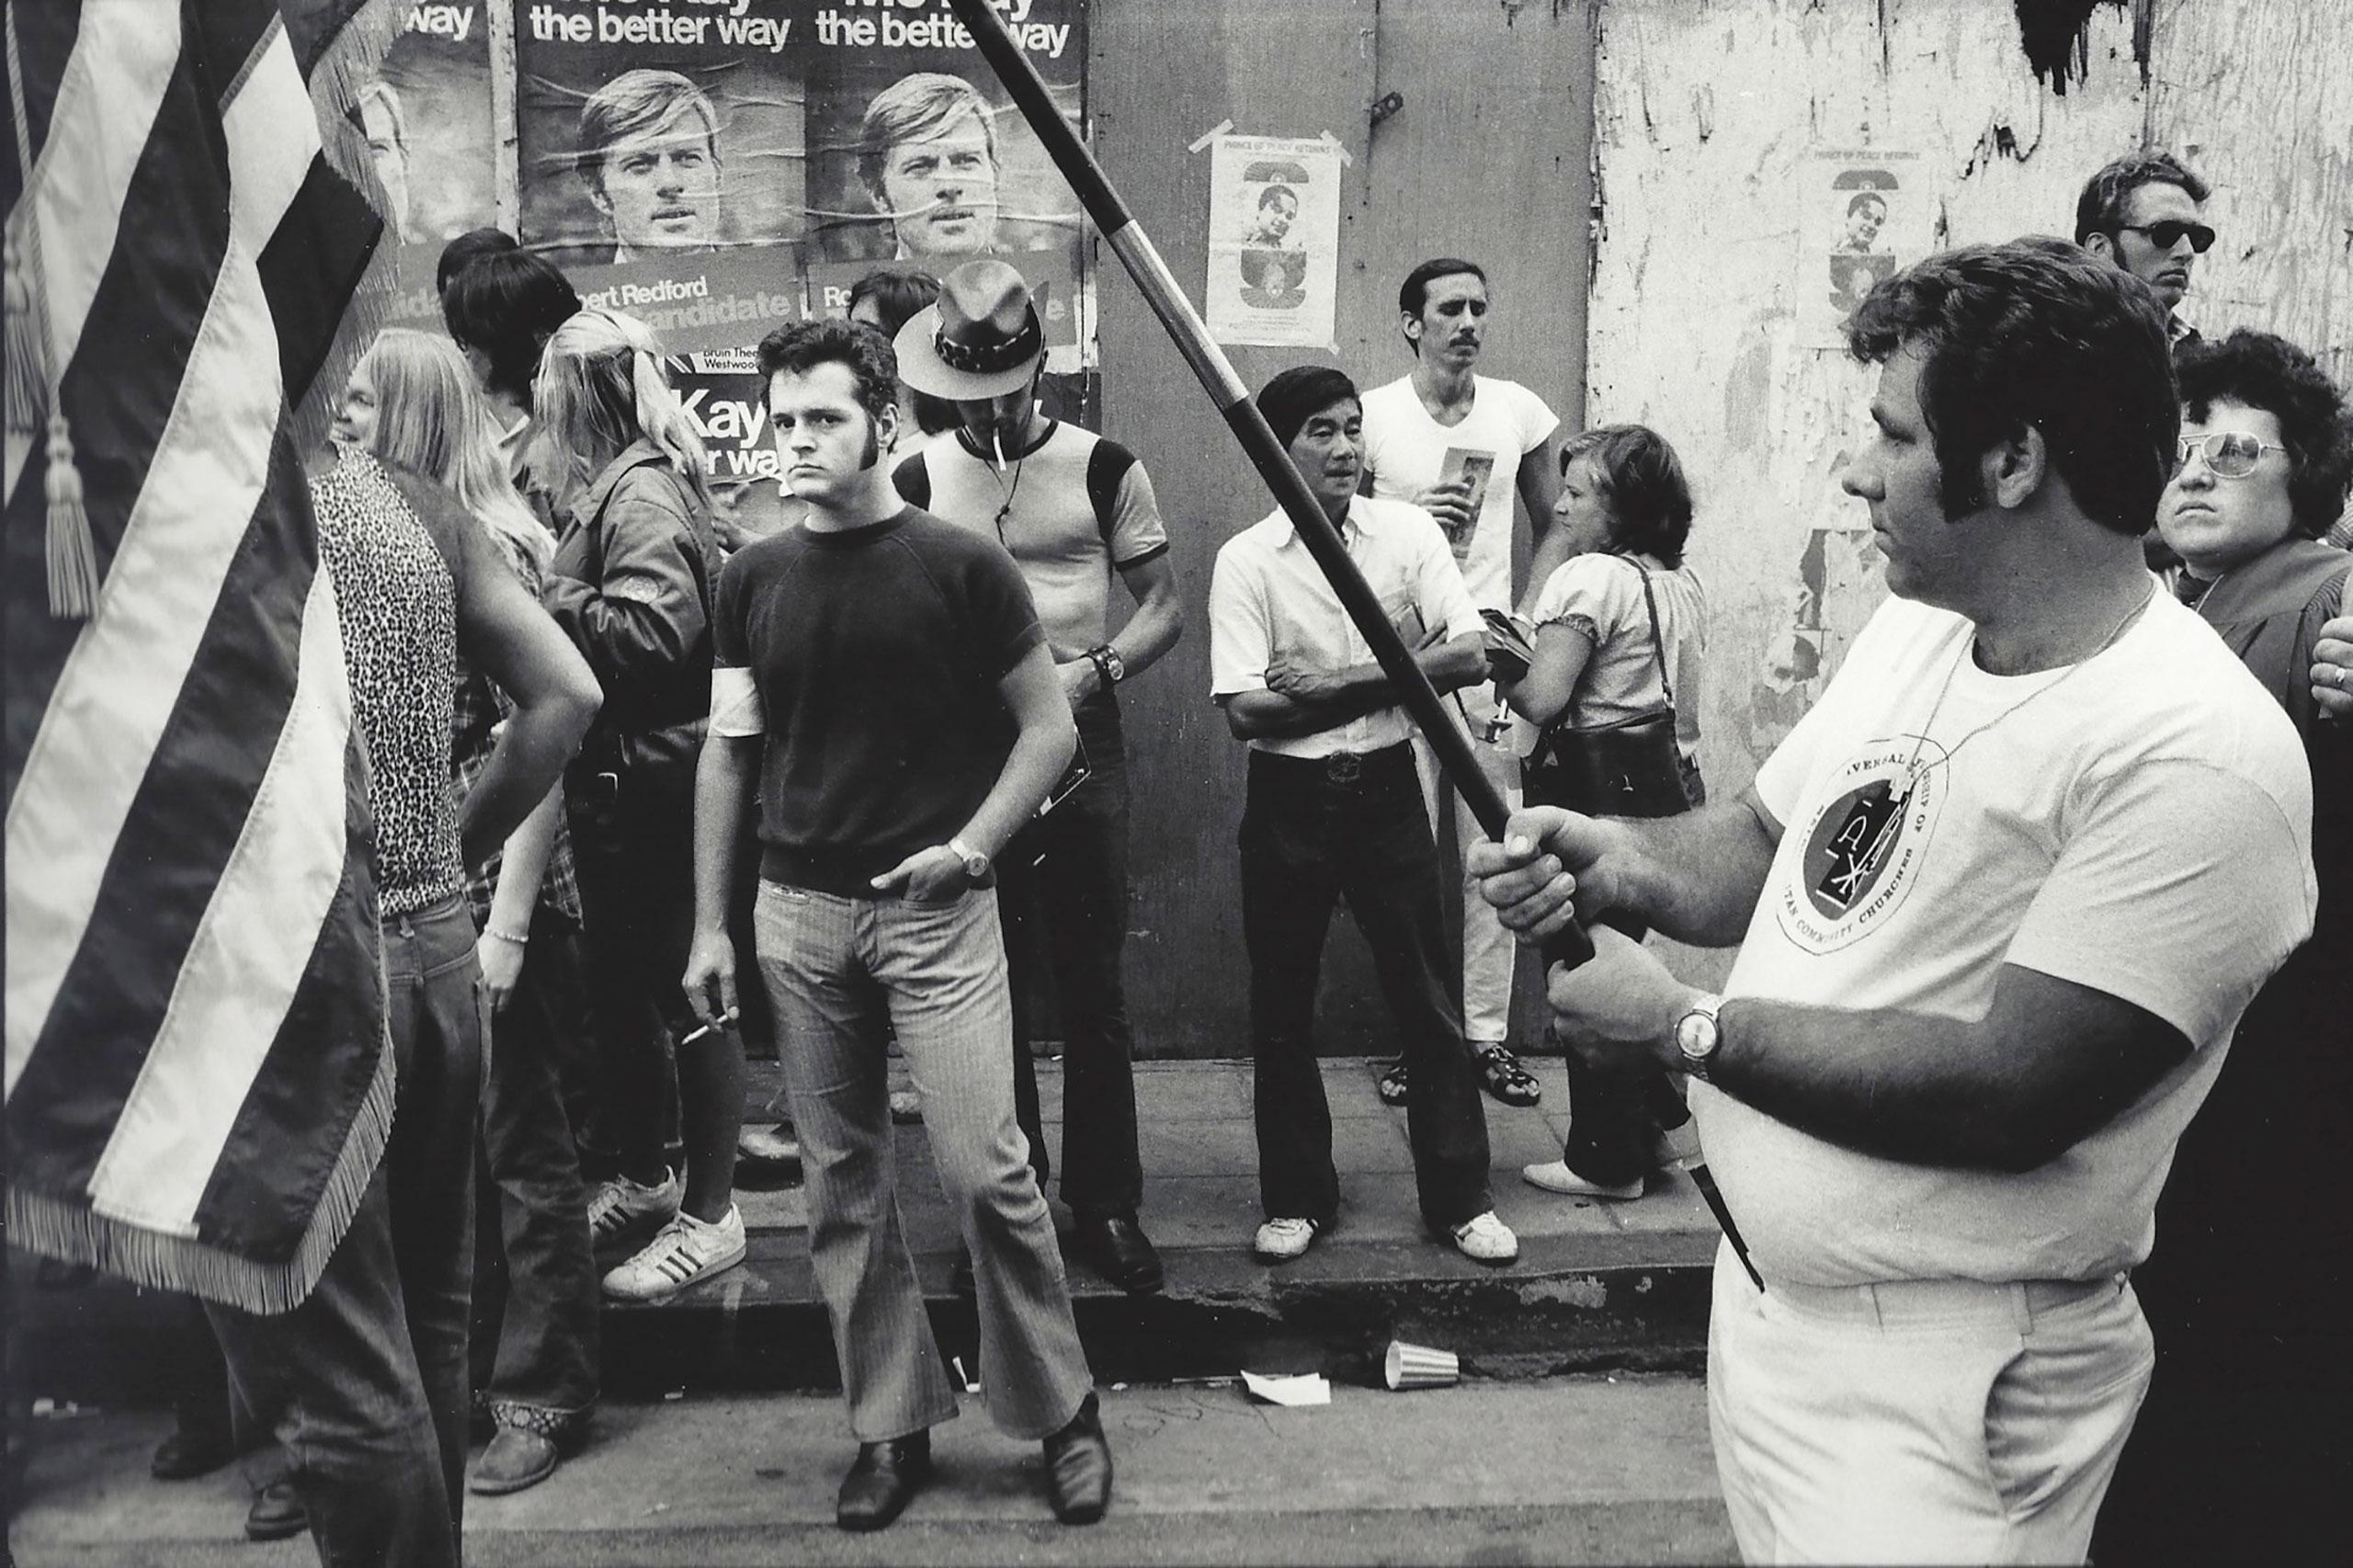 Gay Liberation Parade, Hollywood, 1972.